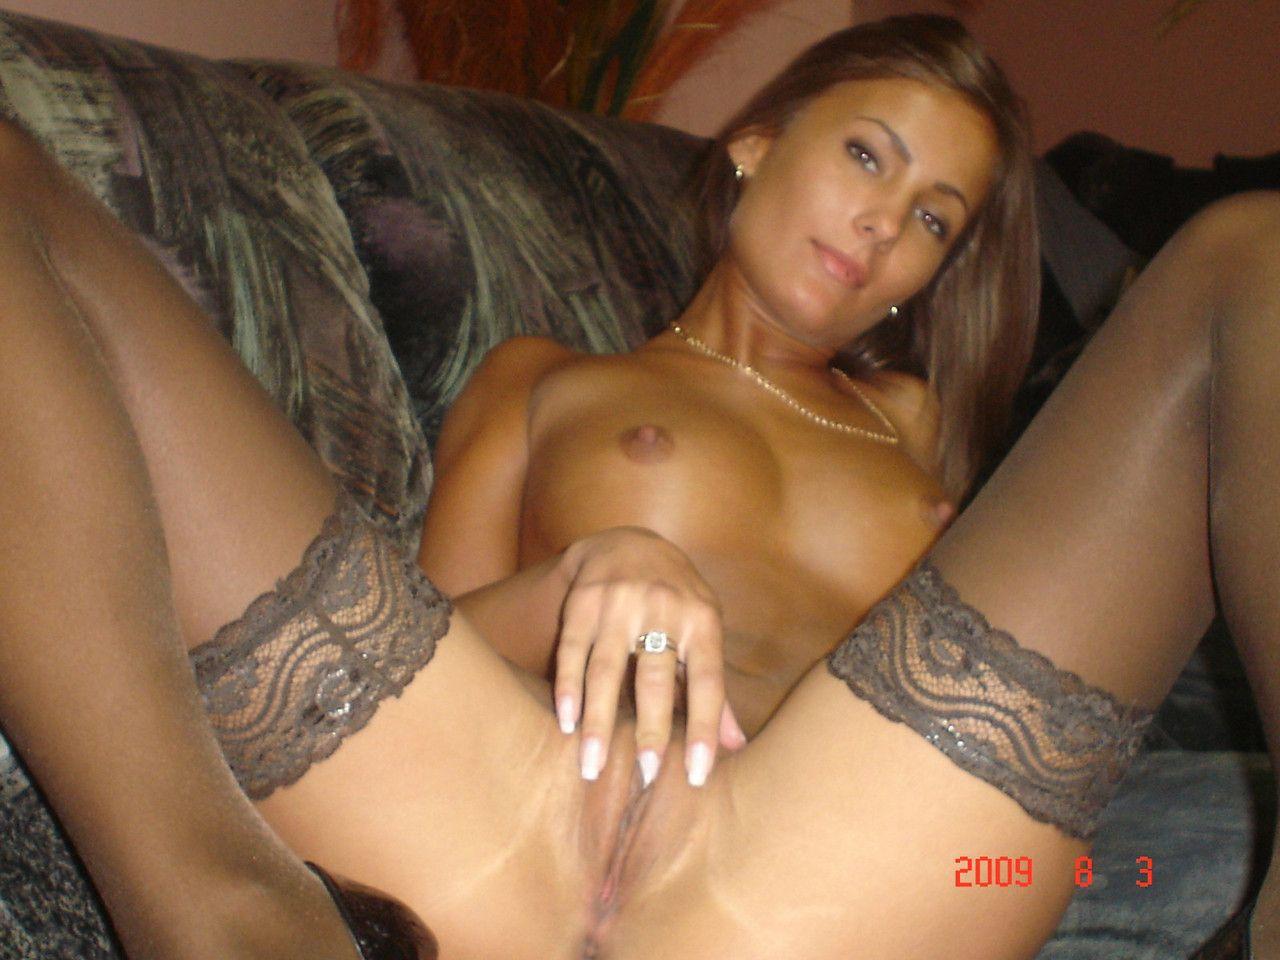 golie-prostitutki-na-foto